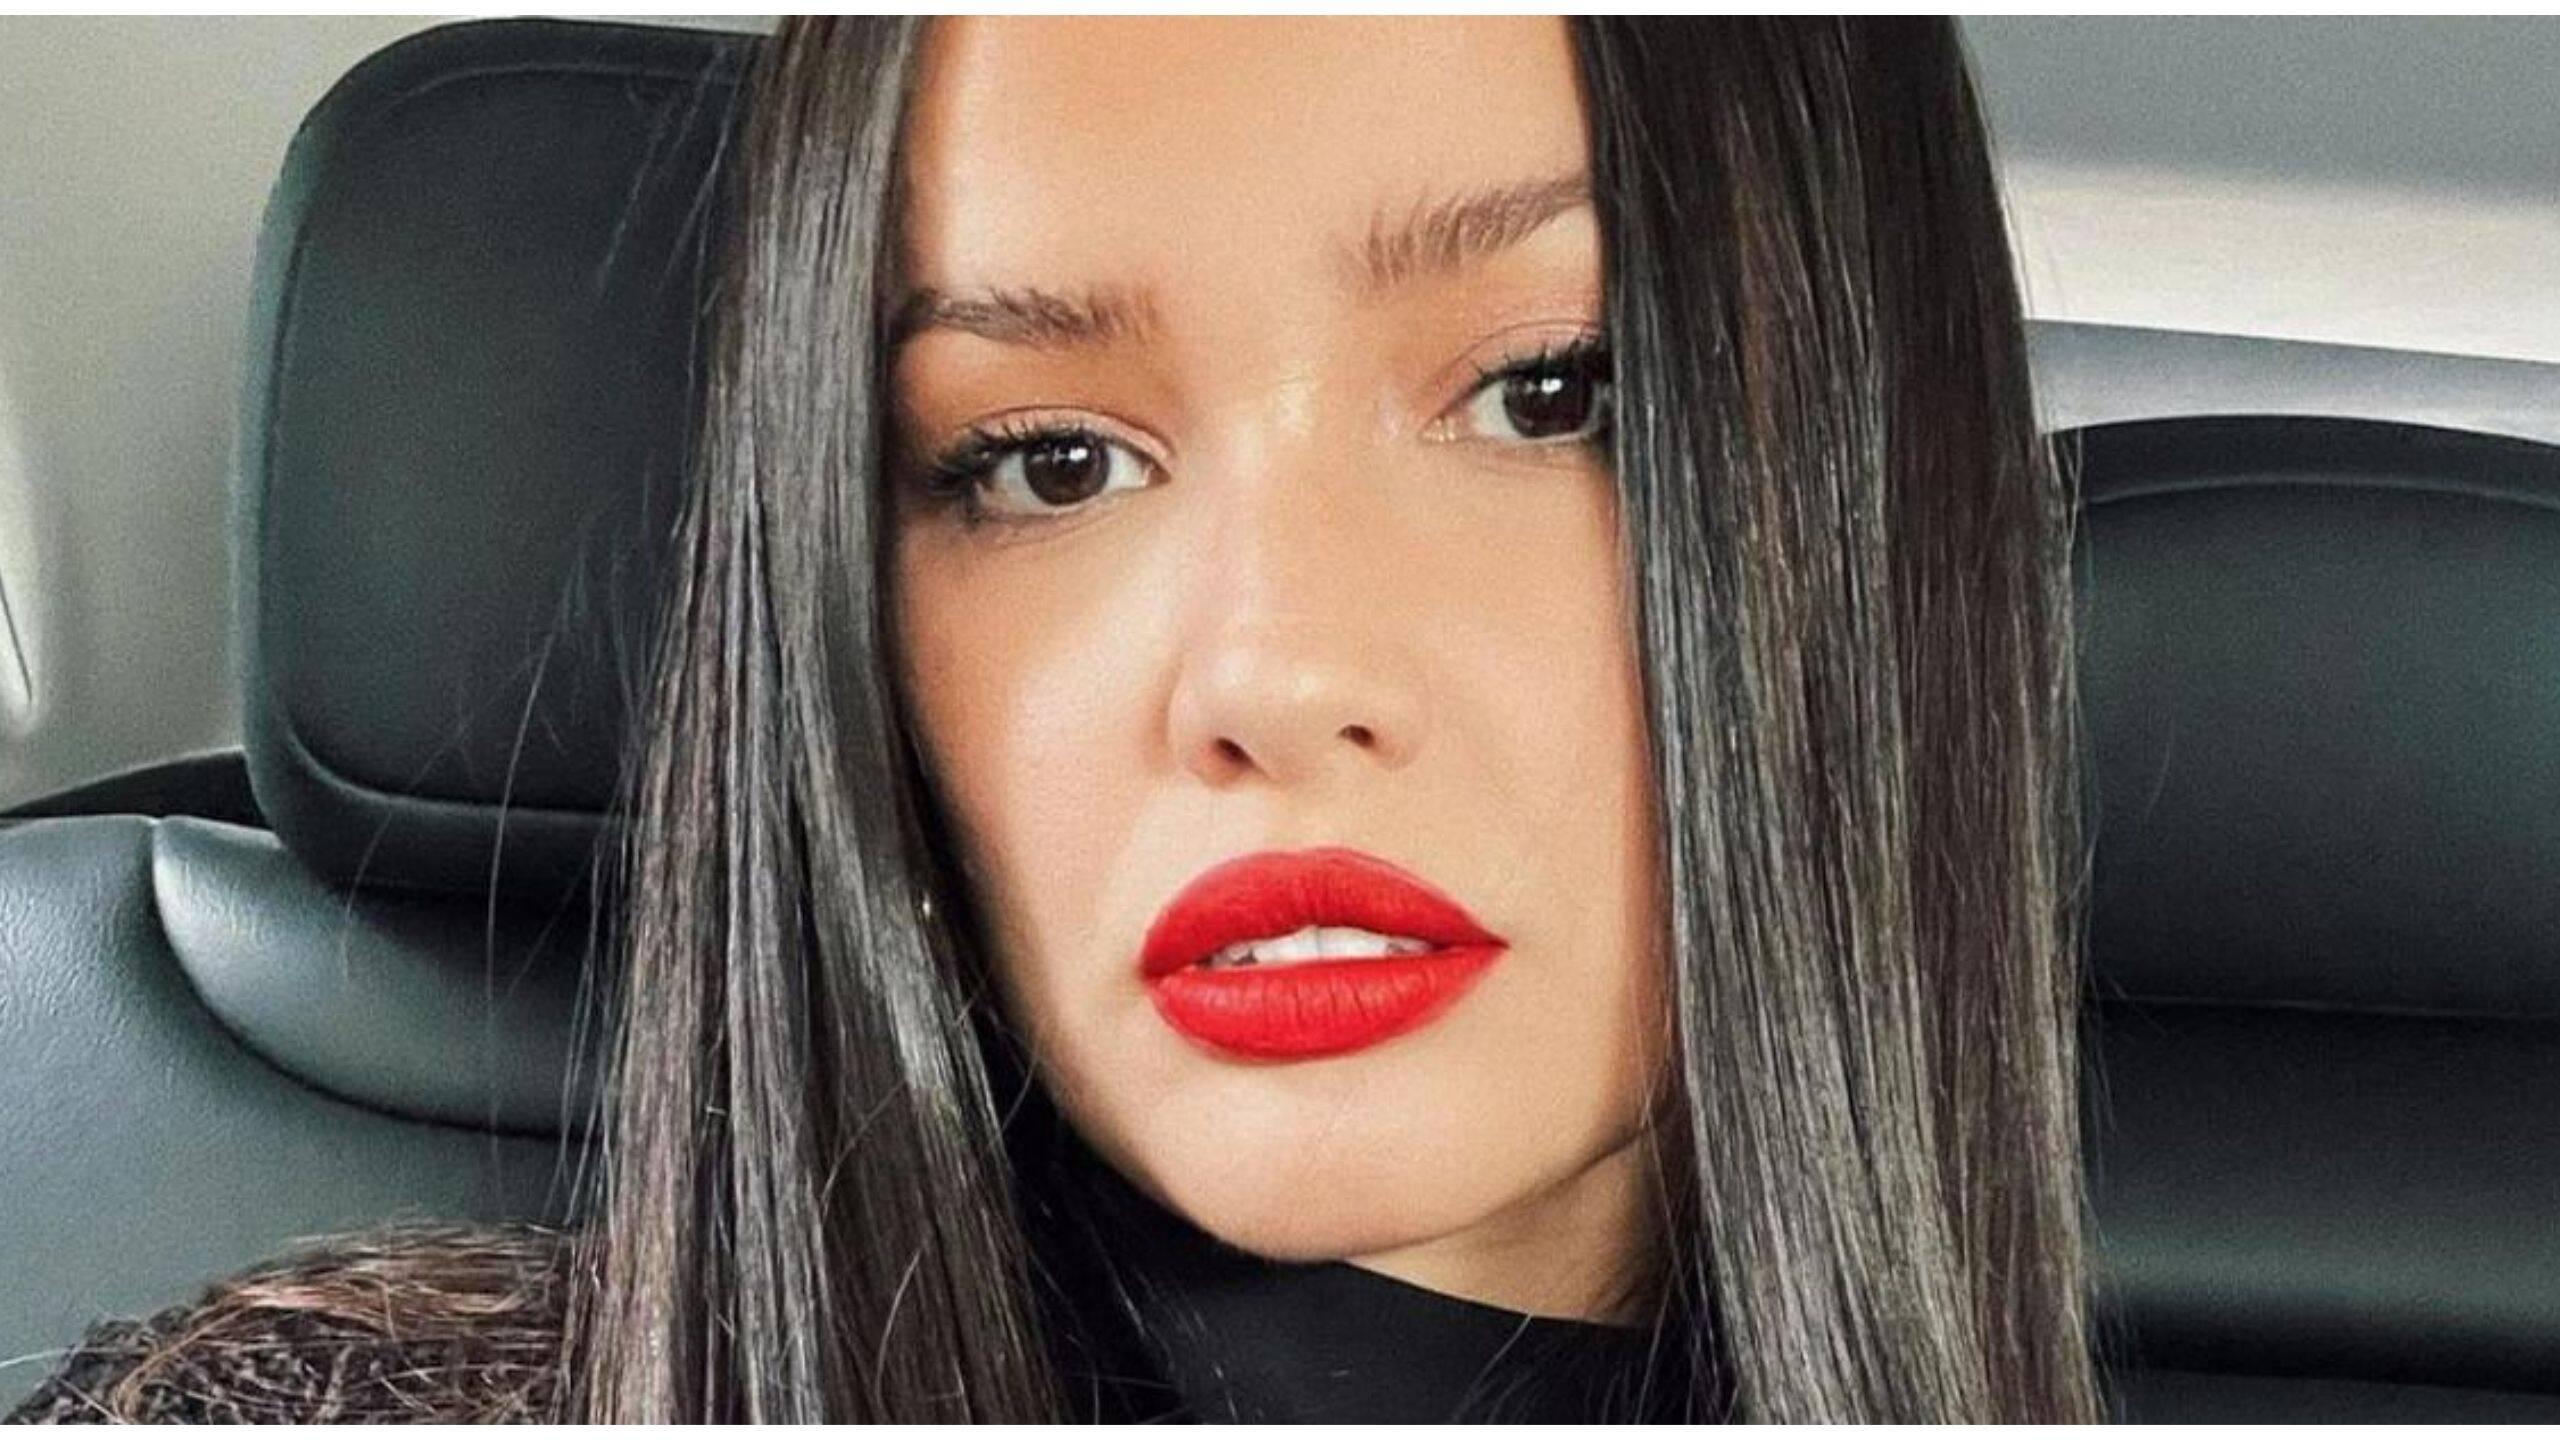 Juliette celebra 1 mês do lançamento do clipe de 'Diferença Mara'. ''Me traz tanta felicidade'', dispara Juliette. (Foto: Instagram)